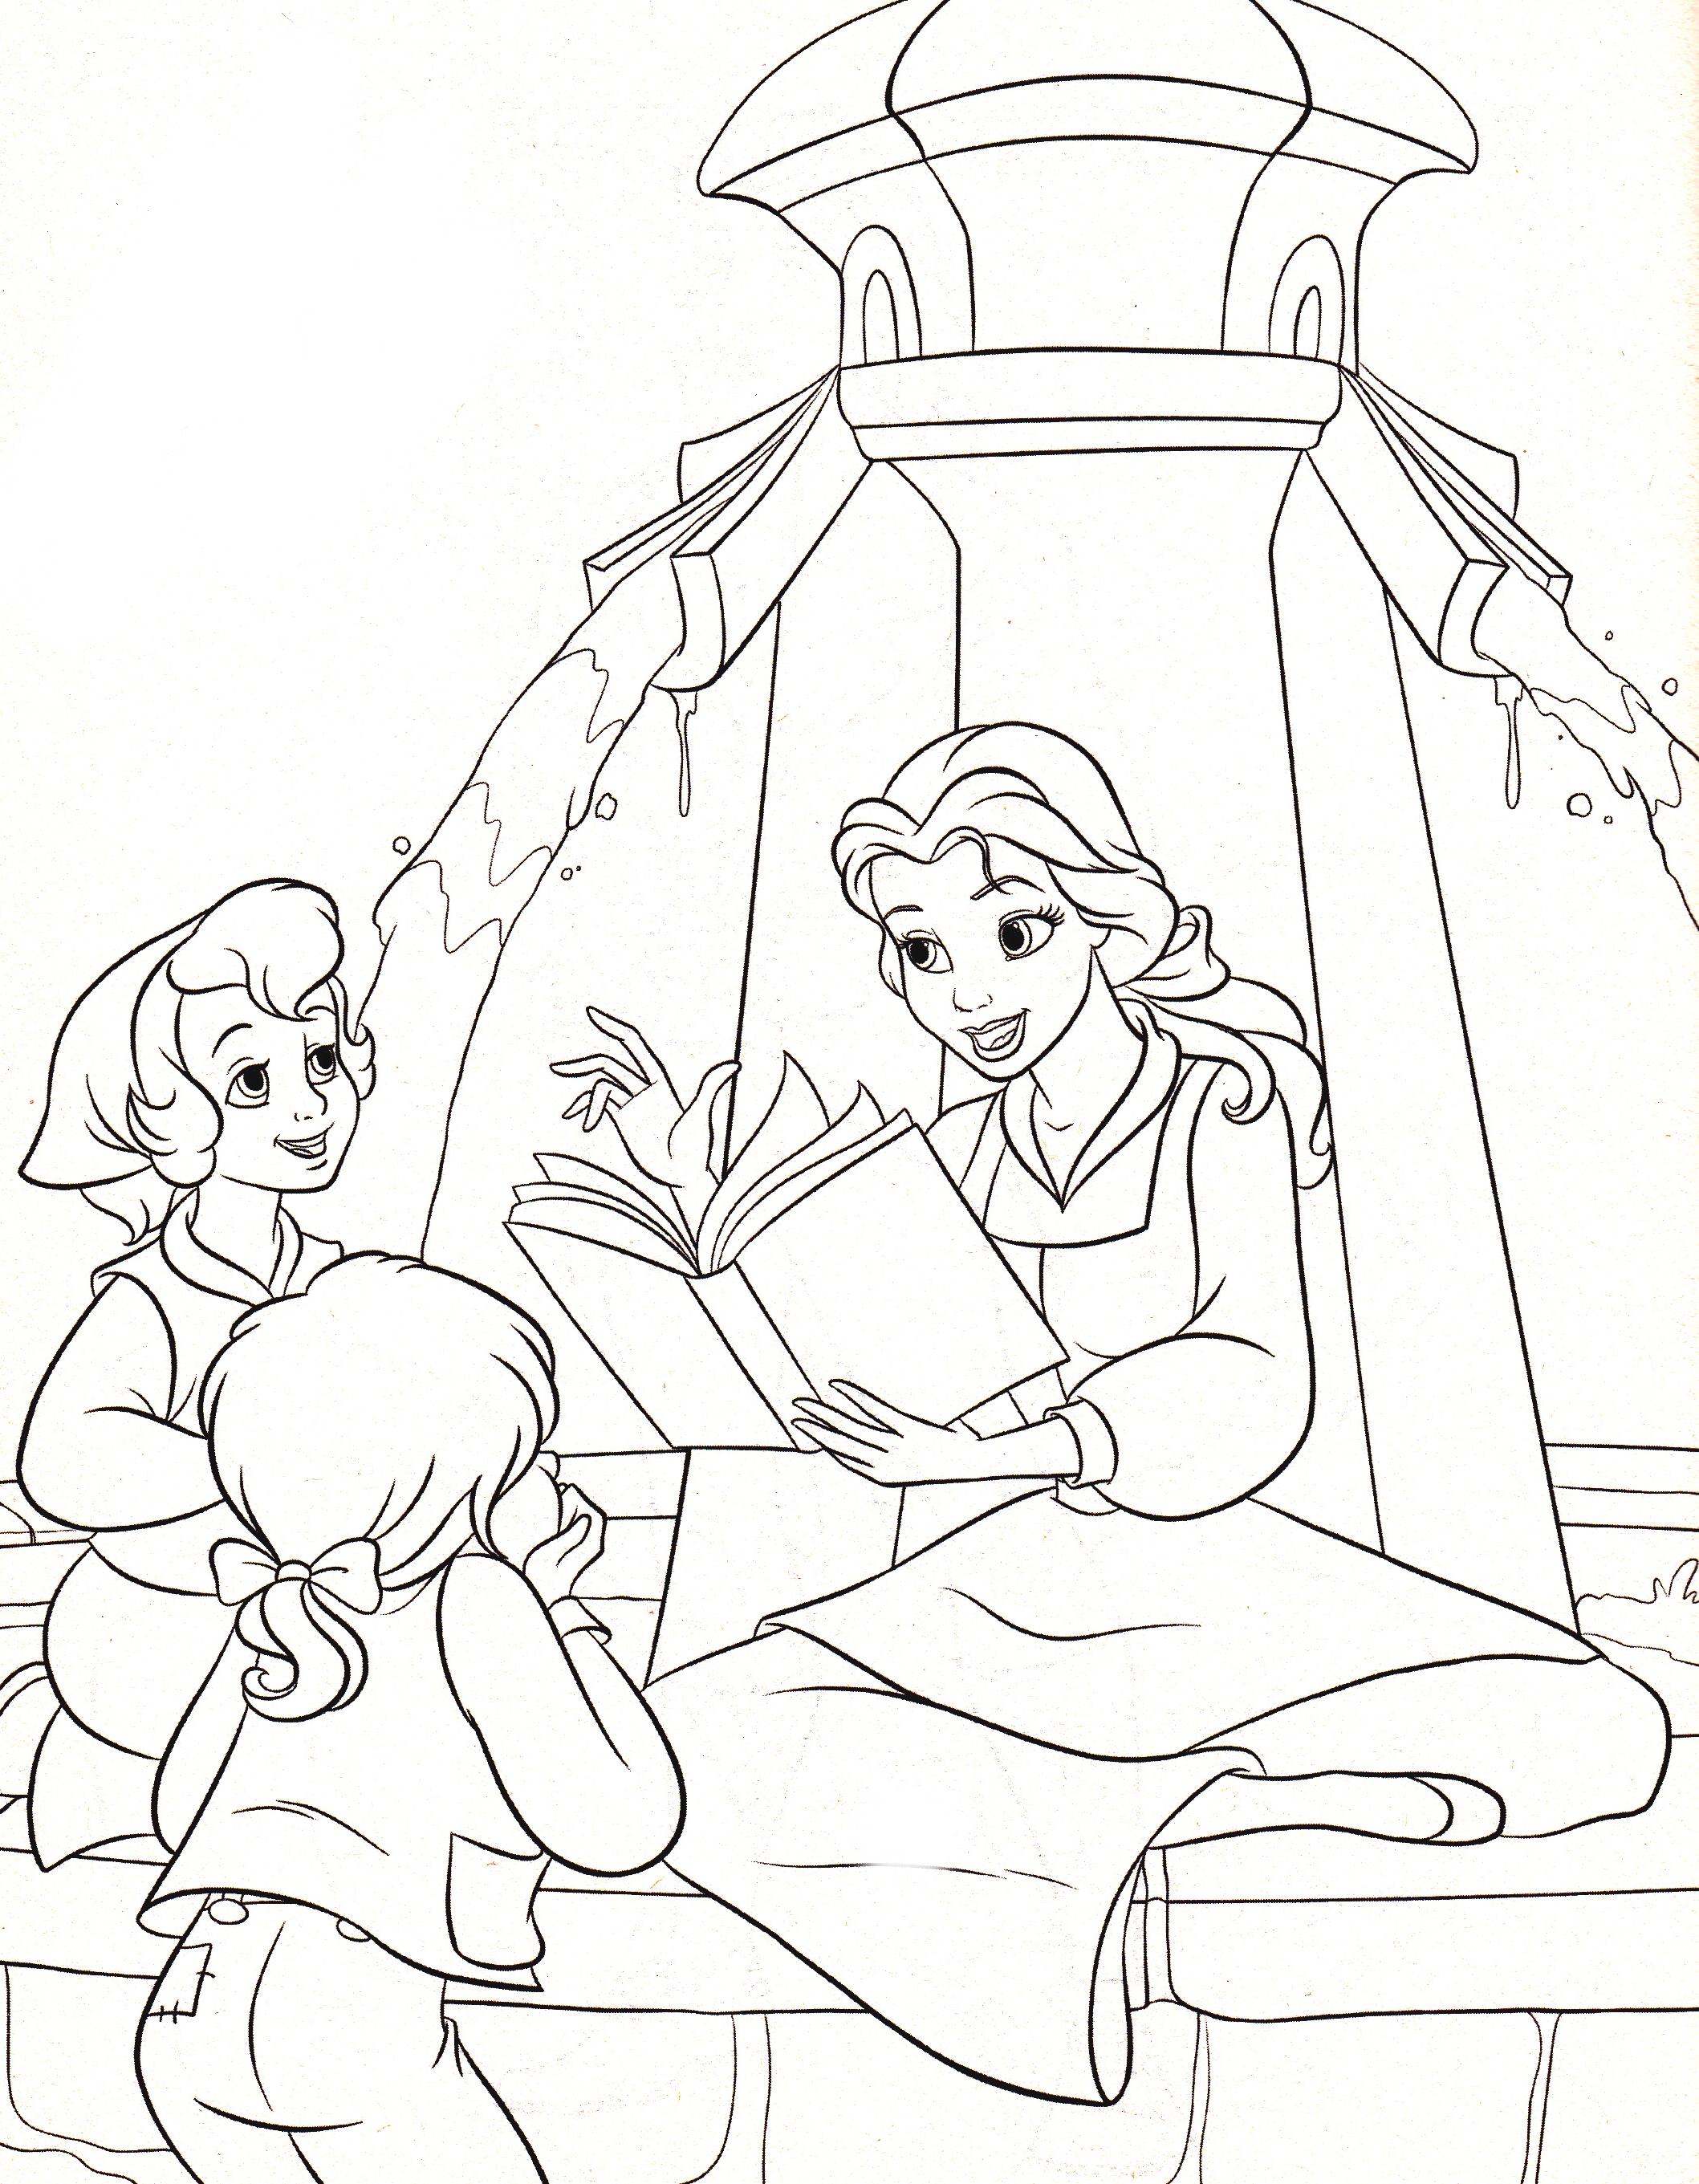 Walt Disney Coloring Pages Princess Belle Walt Disney Characters Photo 40245237 Fanpop